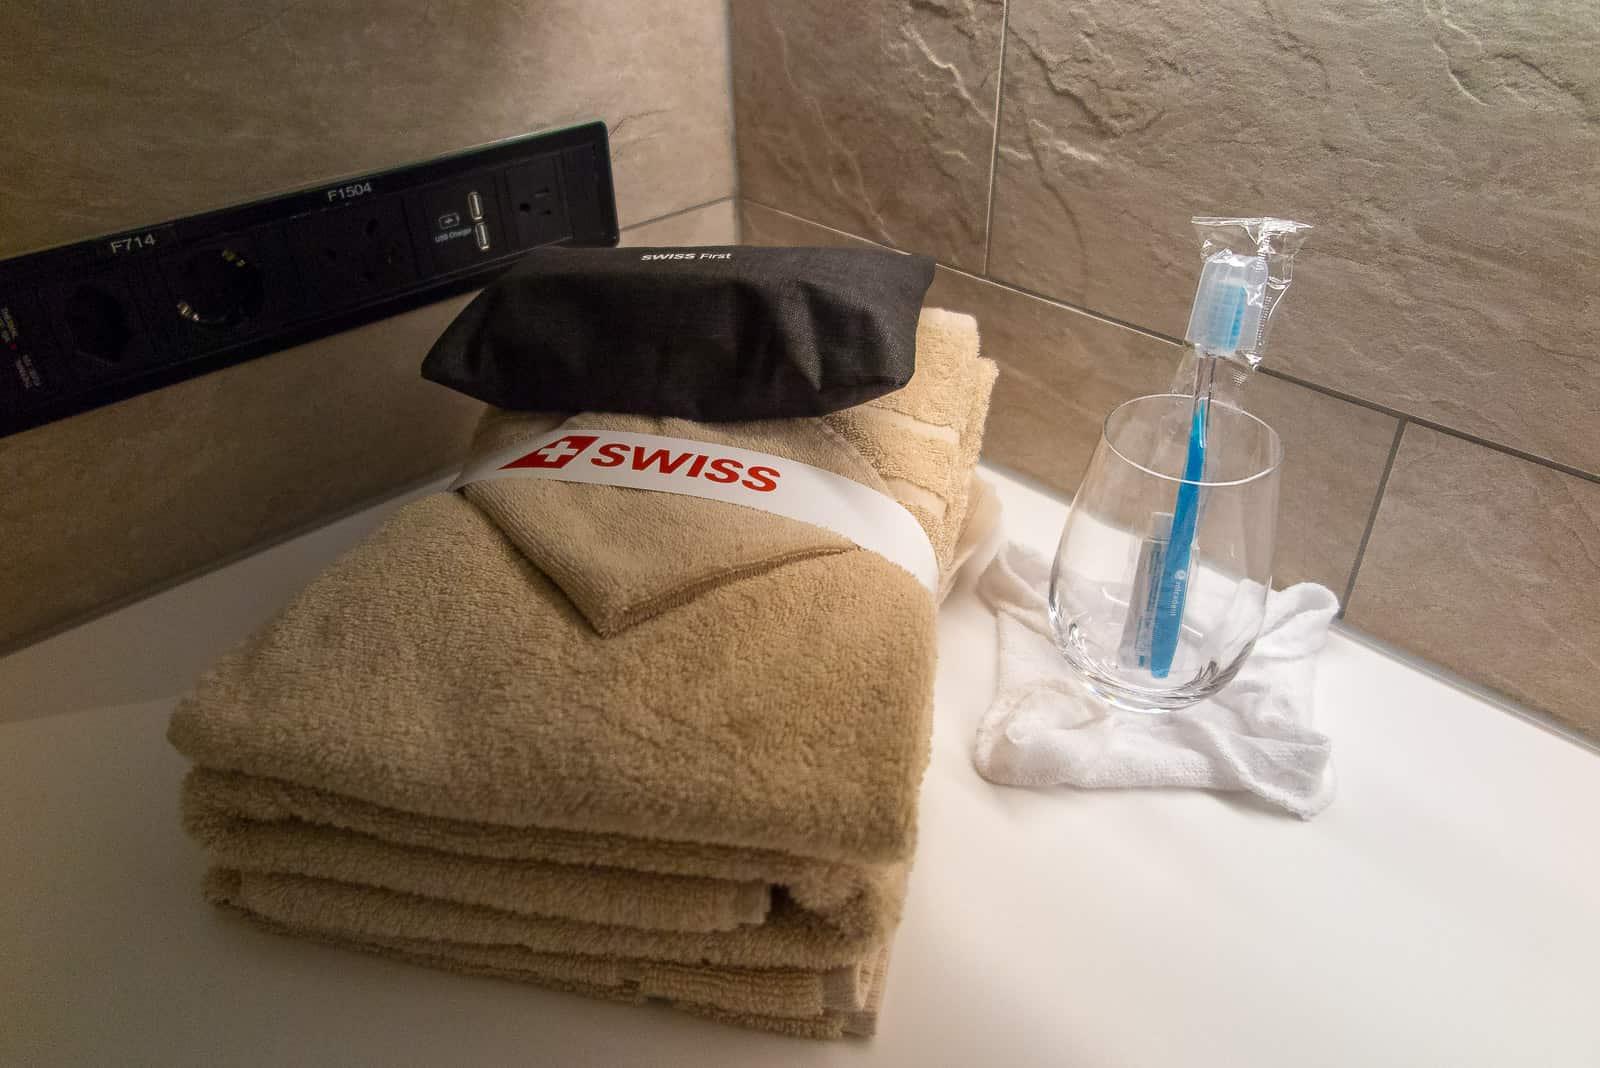 Alles für den duschbereiten First-Passagier